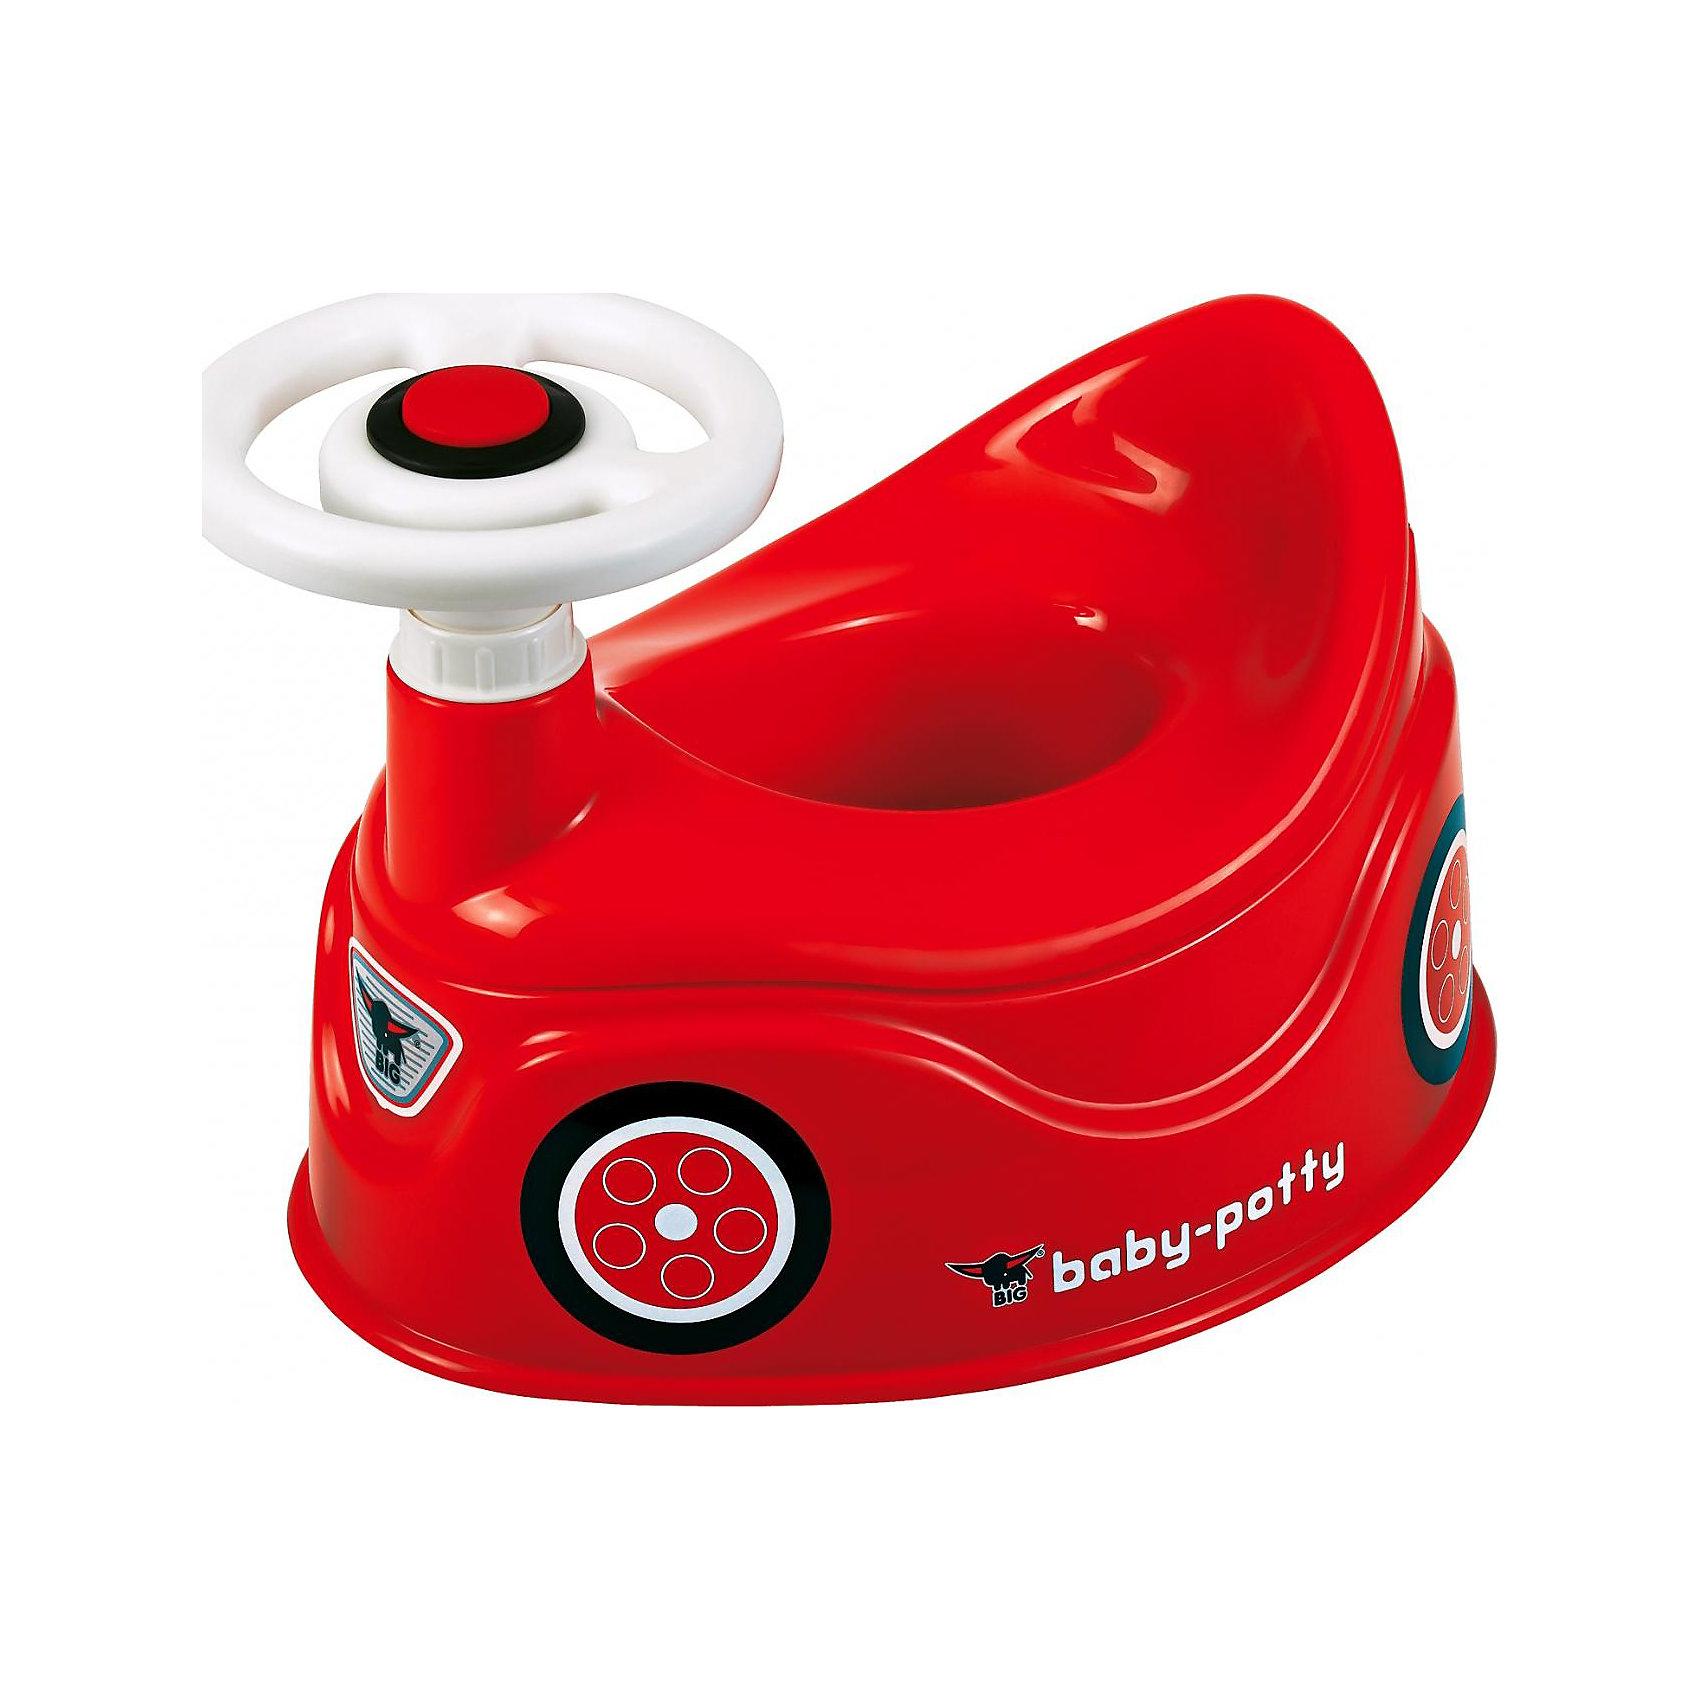 BIG Детский горшокГоршки, сиденья для унитаза, стульчики-подставки<br>BIG Детский горшок - яркий и красочный детский горшок с рулевым управлением! Малыш на таком горшке не заскучает!<br><br>Горшок изготовлен из безопасного пластика. <br>Анатомическая форма сиденья повторяет контуры тела ребенка, что обеспечивает ему максимальный комфорт. <br>Благодаря специально разработанной конструкции, горшок не опрокидывается.<br> С помощью специального крепления к горшку крепится игрушка в виде руля.<br><br>Дополнительная информация:<br><br>Размер упаковки: 410 x 320 x 240 мм<br><br>Ширина мм: 413<br>Глубина мм: 324<br>Высота мм: 213<br>Вес г: 1082<br>Возраст от месяцев: 18<br>Возраст до месяцев: 36<br>Пол: Унисекс<br>Возраст: Детский<br>SKU: 2244082